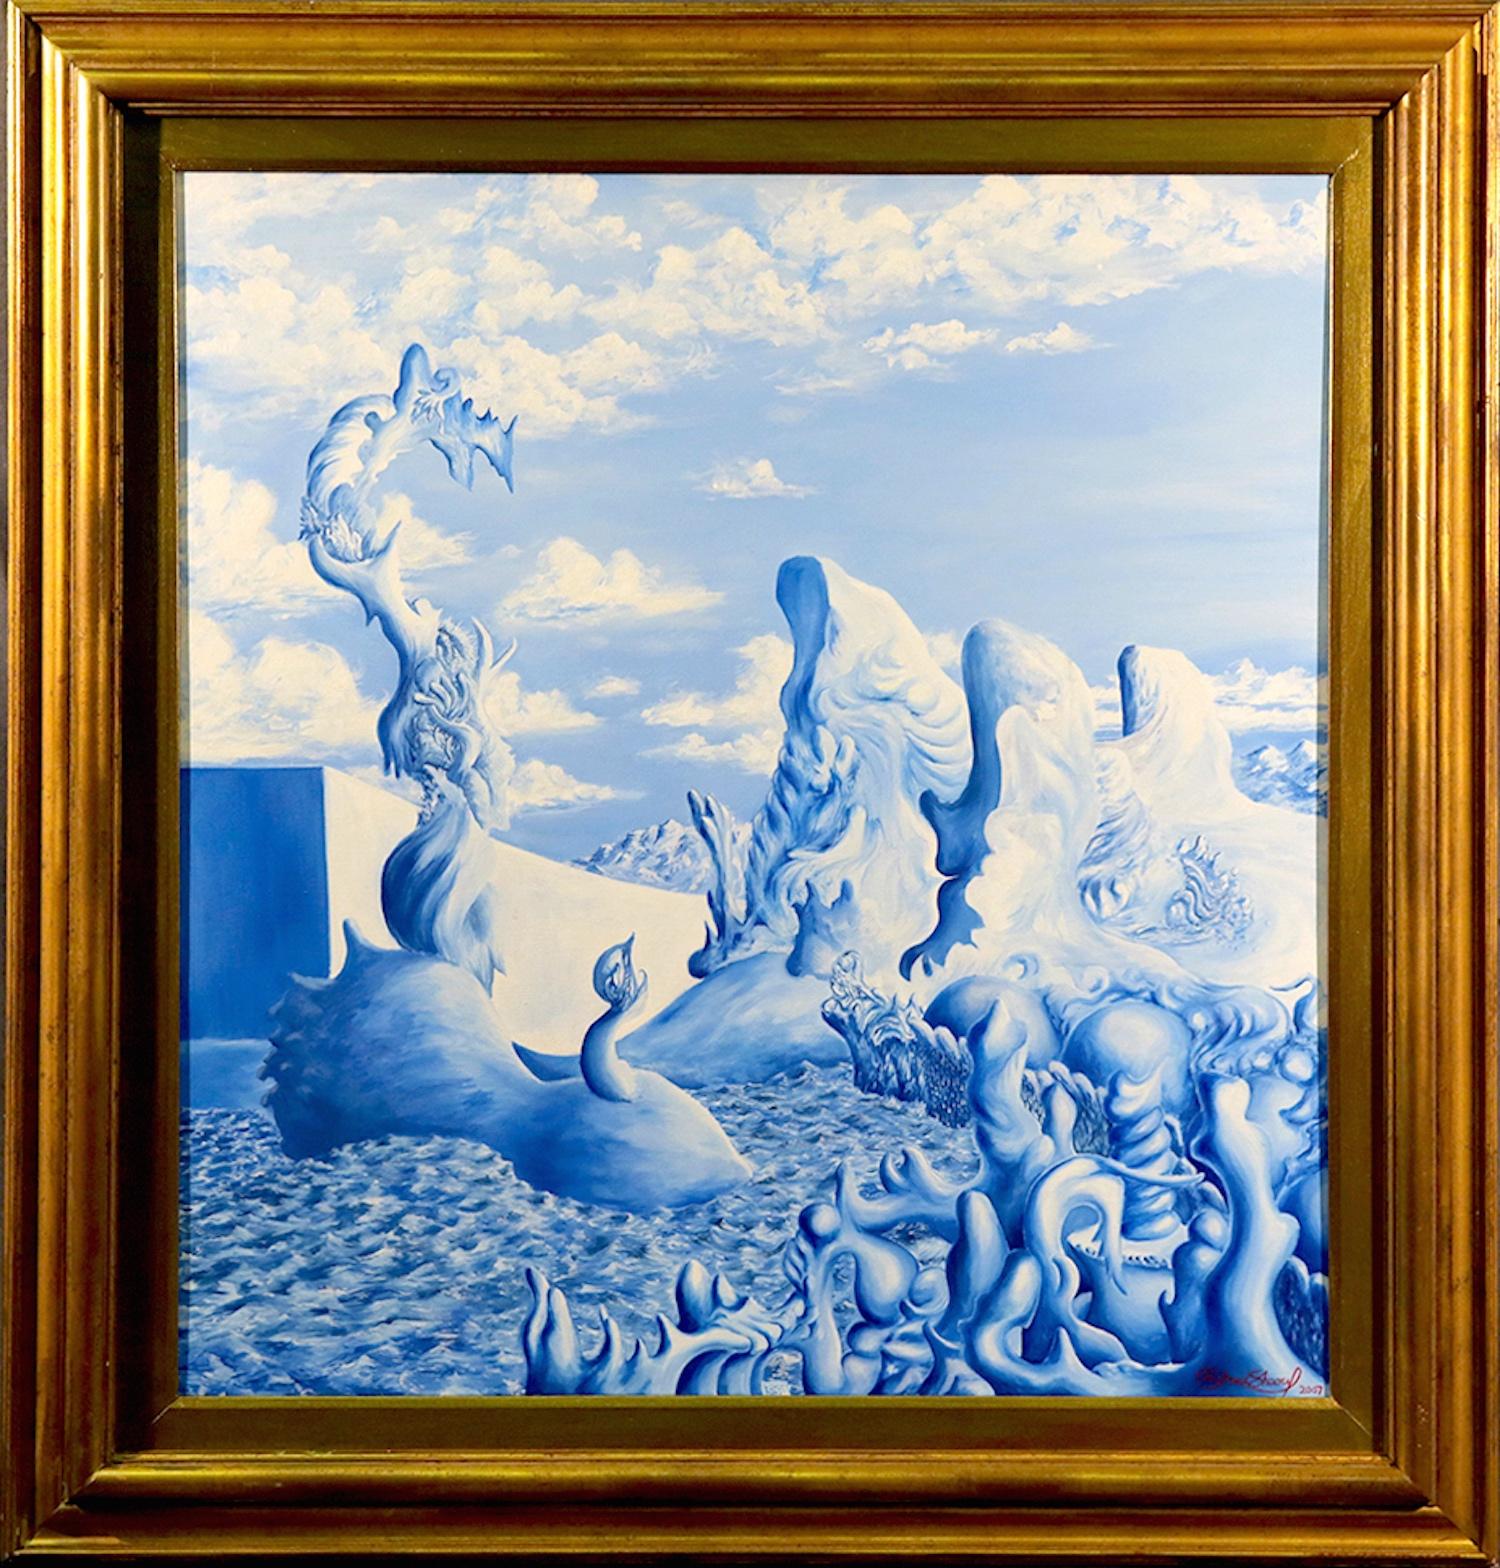 Contemporary Monochrome Blue Sea Scape, 2007 | Sold